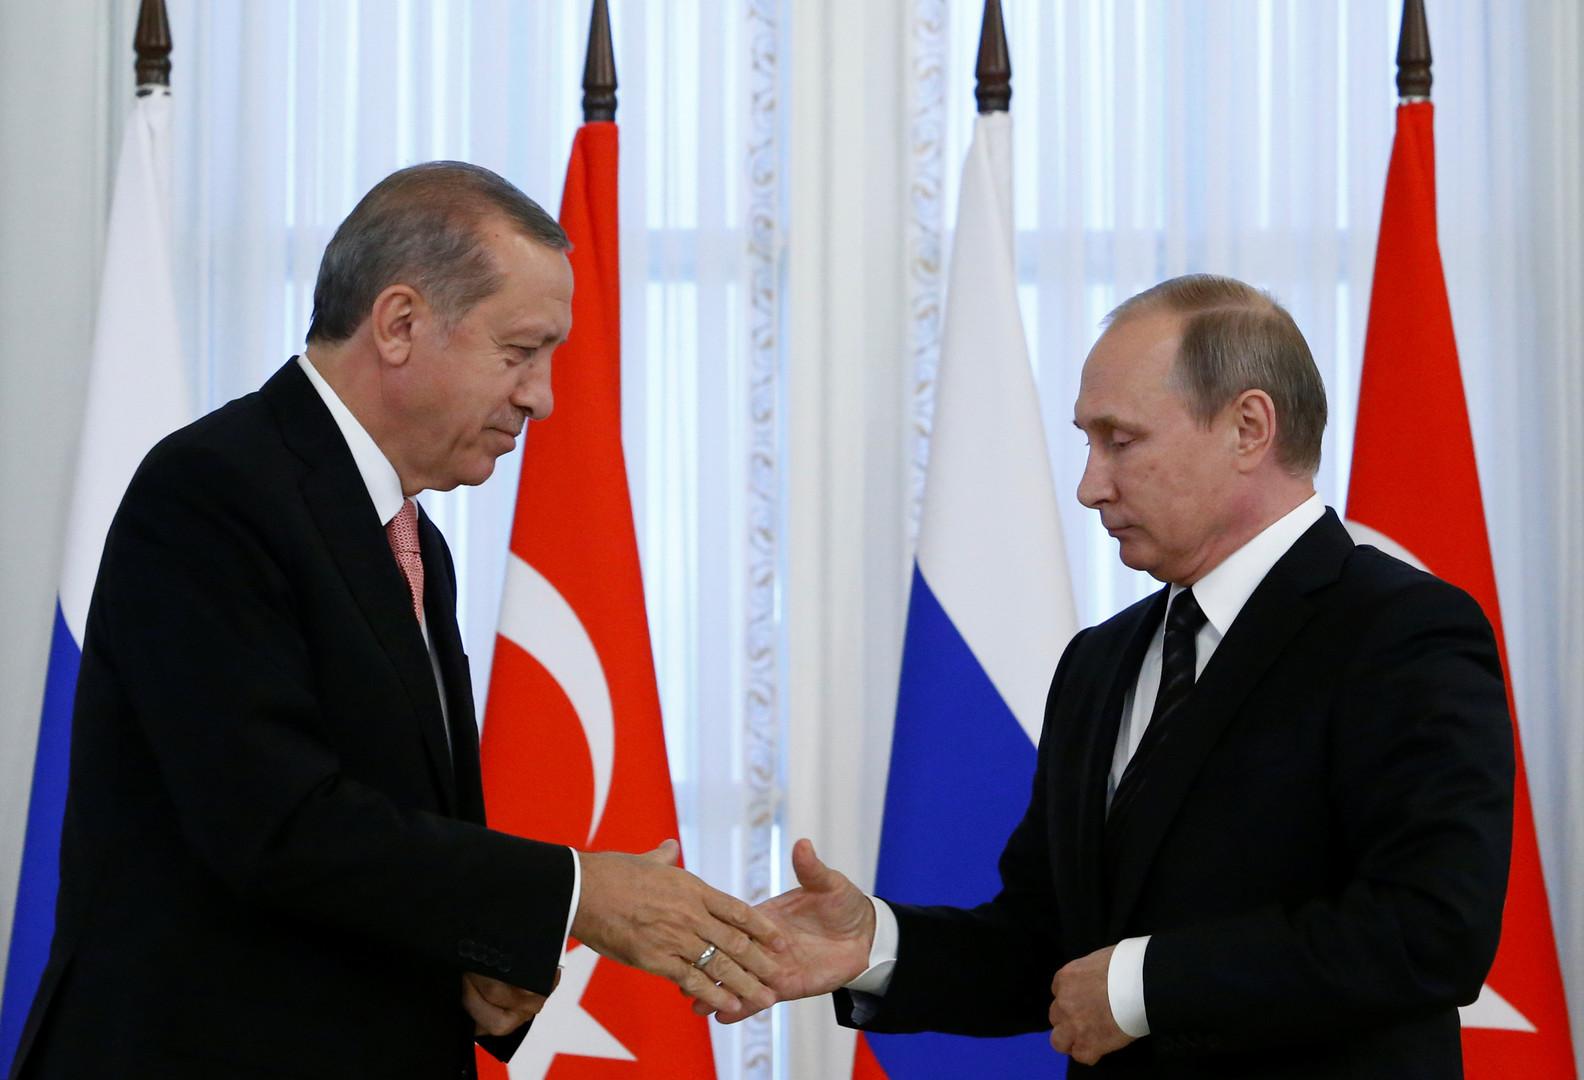 Рукопожатие президента РФ Владимира Путина и президента Турции Реджепа Тайипа Эрдогана после переговоров в Санкт-Петербурге 9 августа